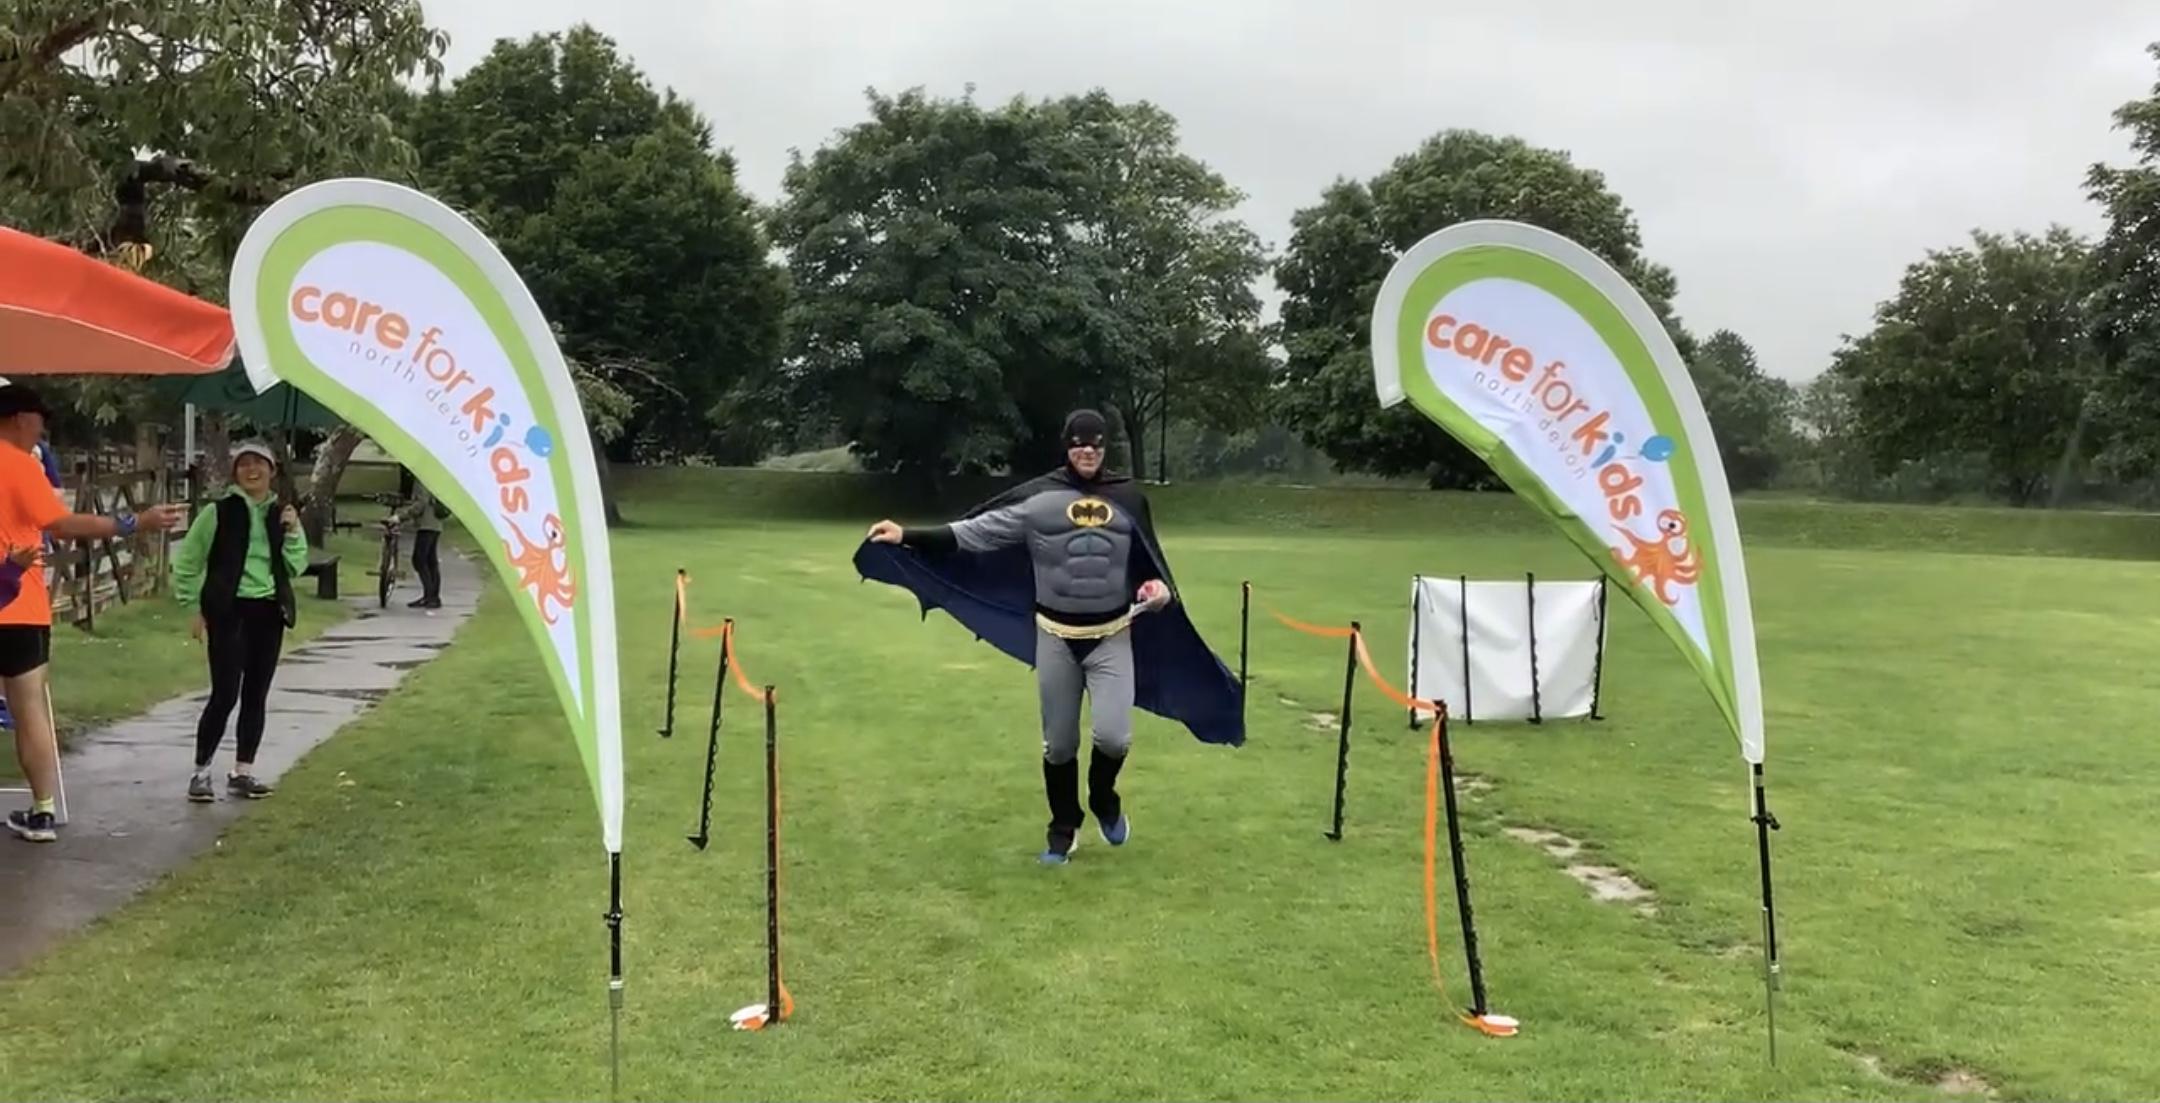 A runner dressed in a batman costume